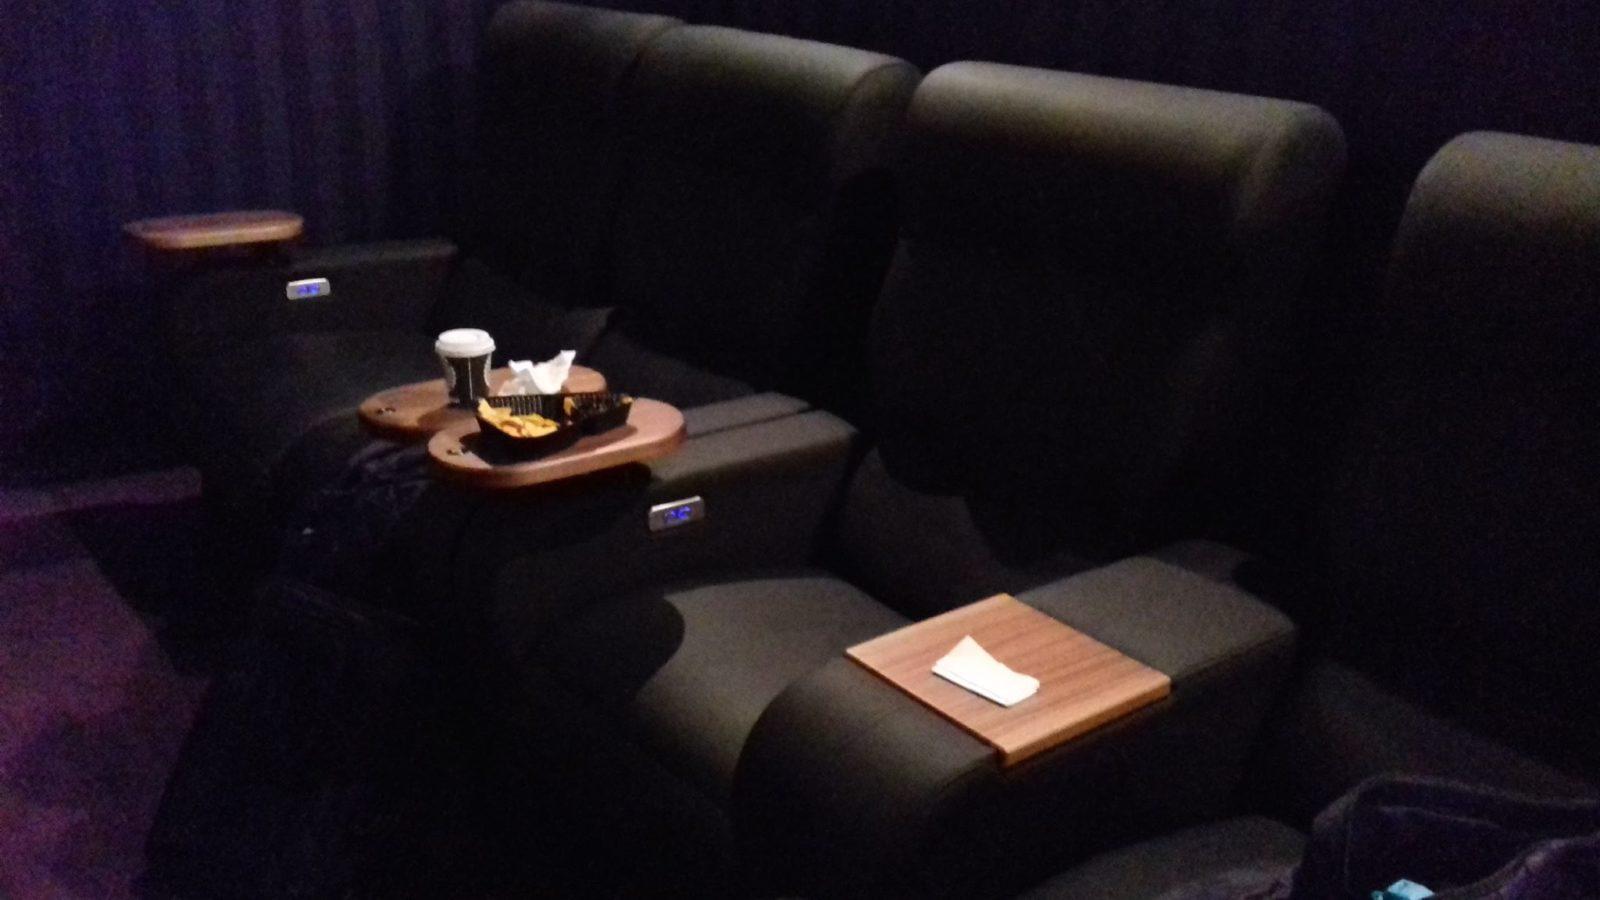 Luxuriöser Kinosessel mit Snacks und Kaffeebecher